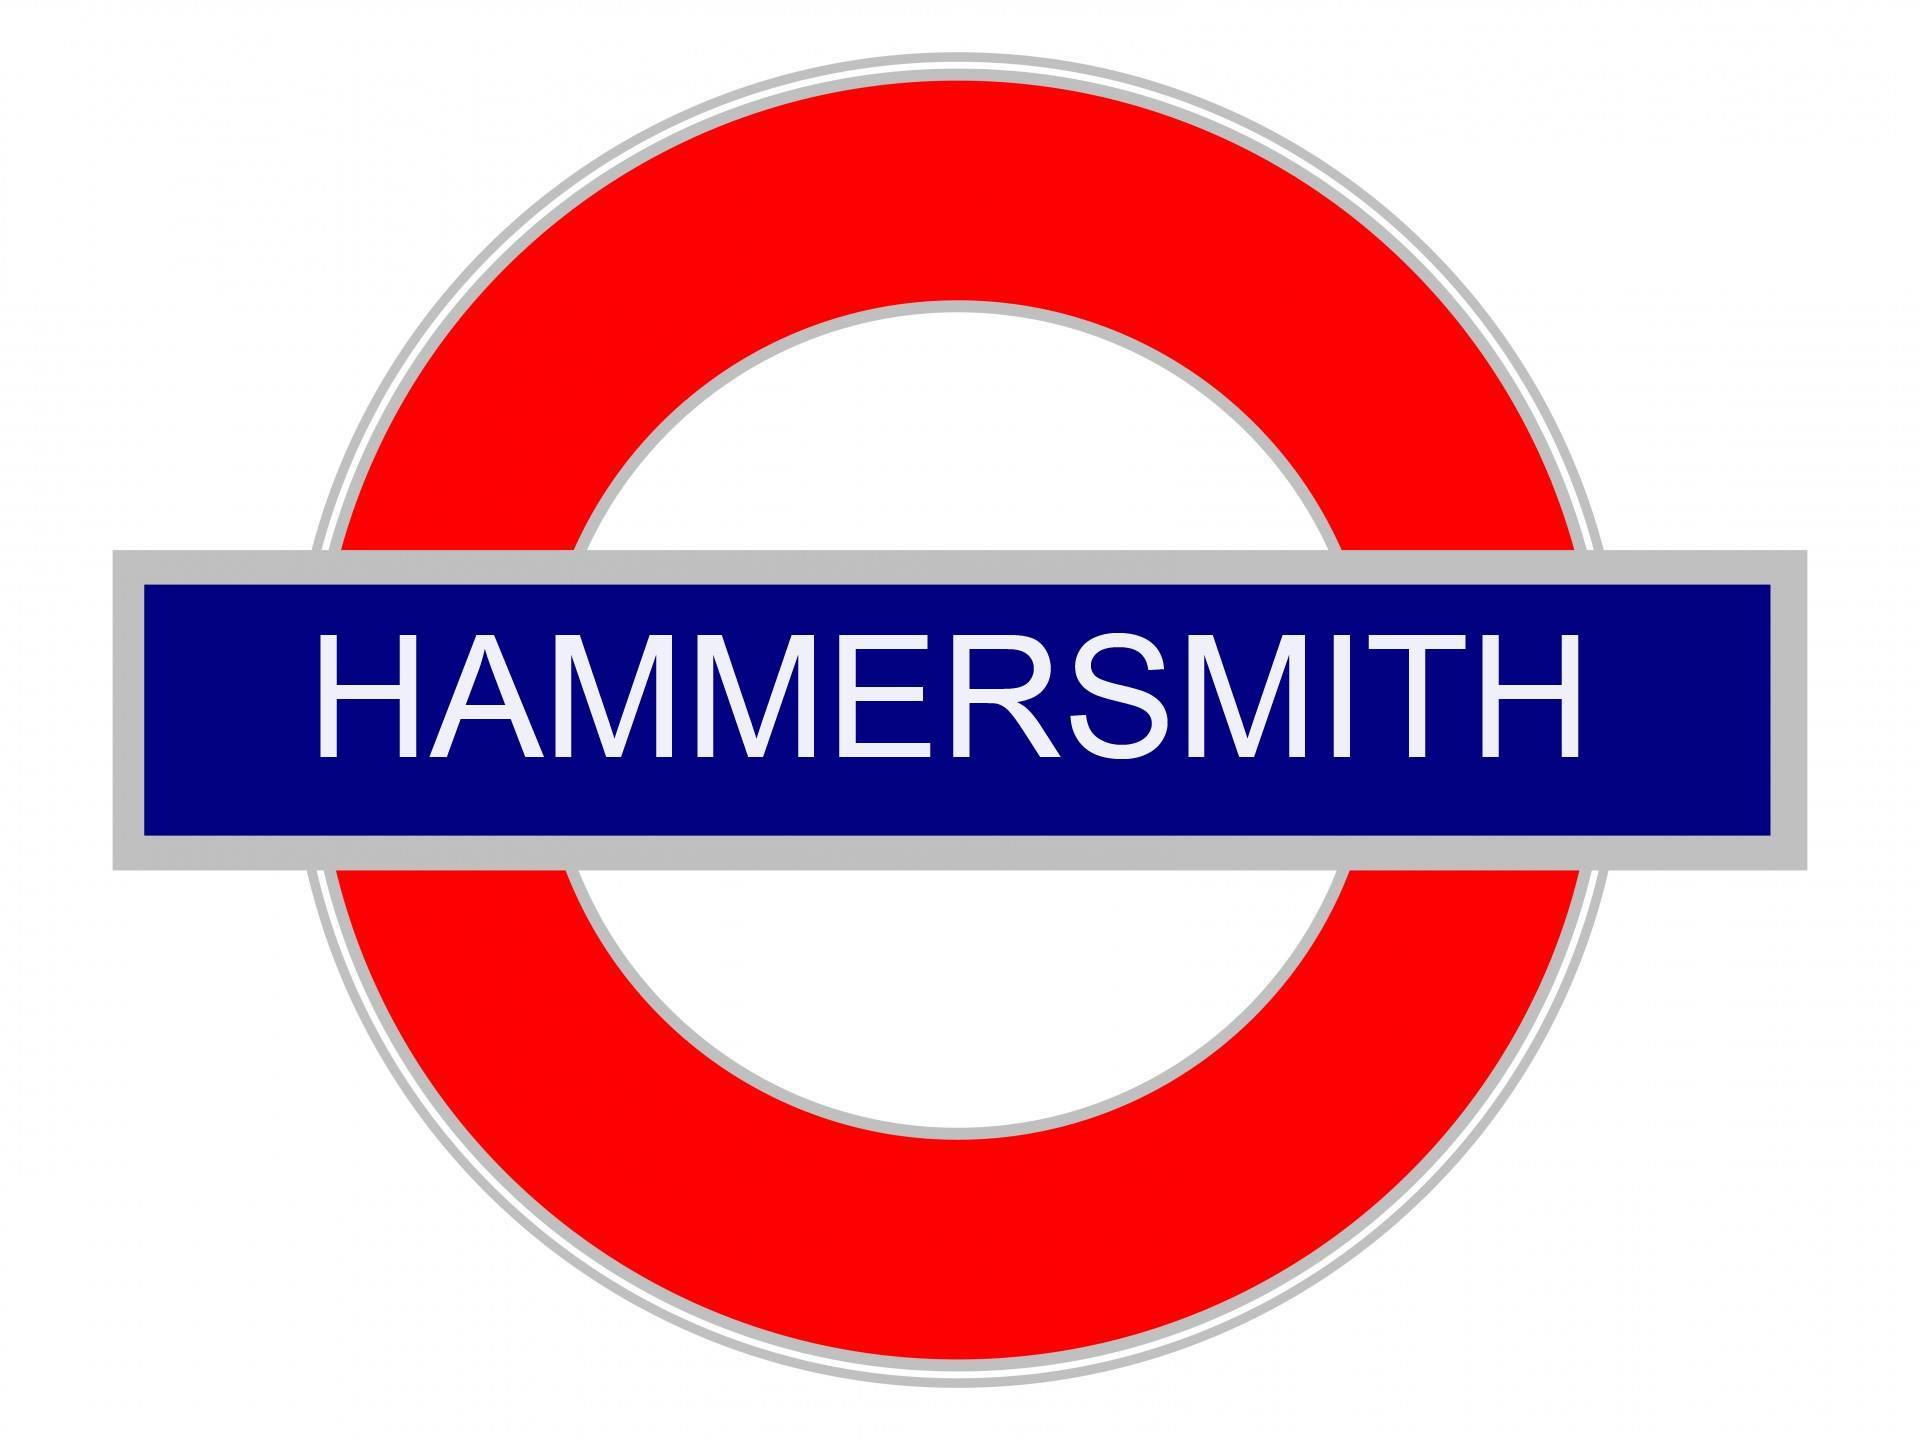 Hammersmith Underground